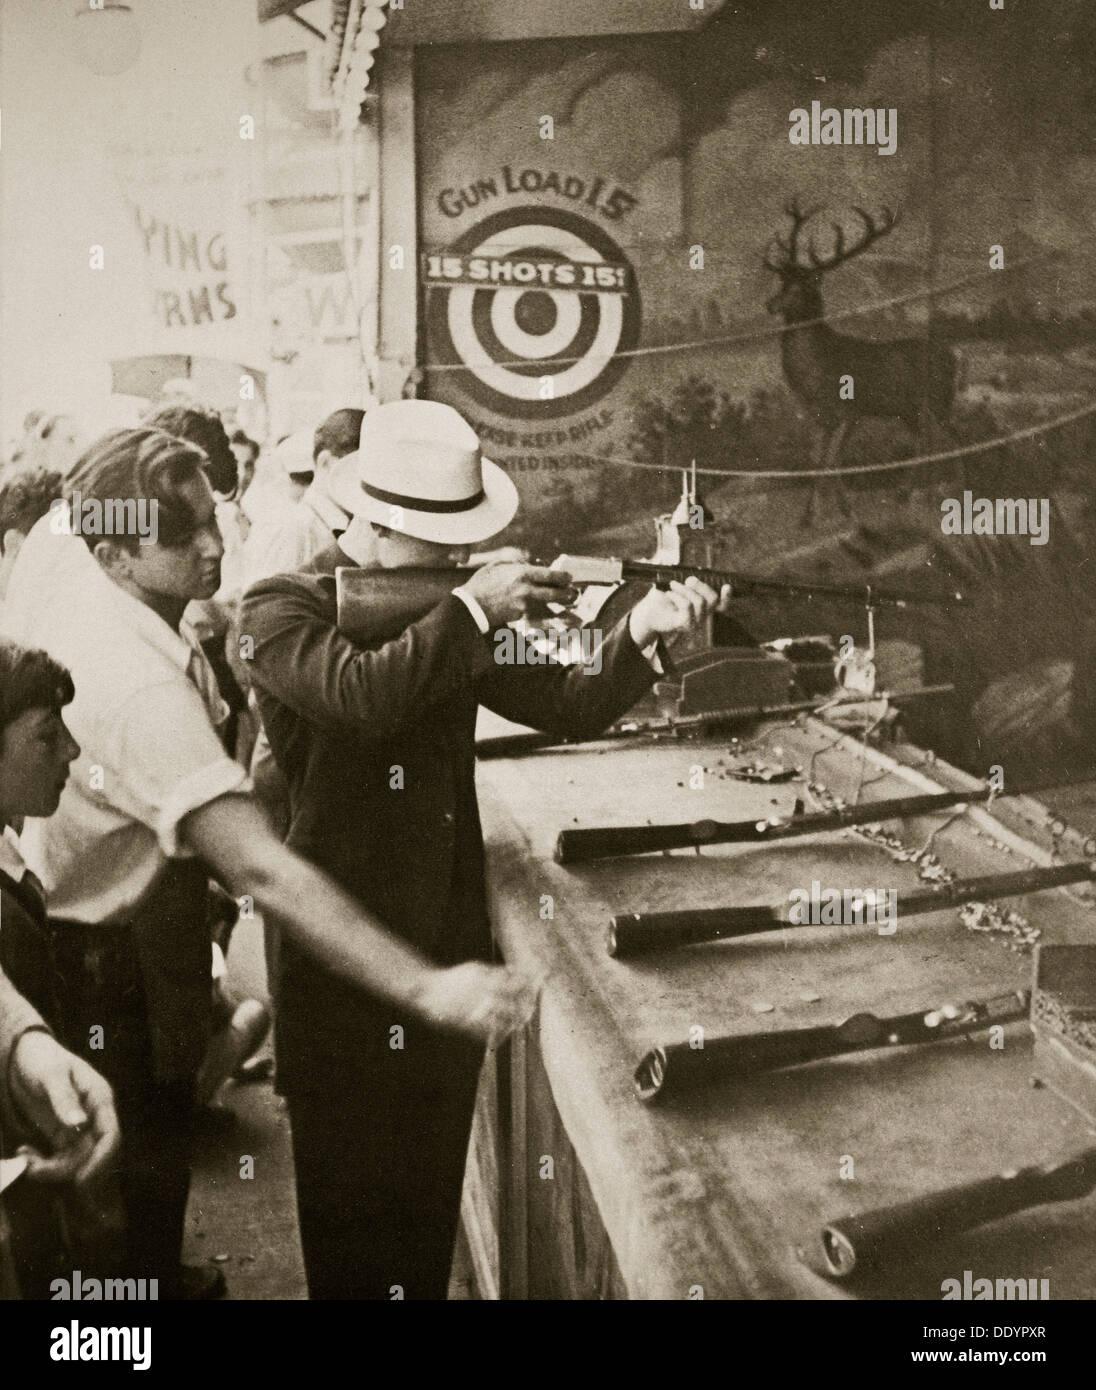 Schießstand im Vergnügungspark Coney Island, New York, USA, Anfang der 1930er Jahre. Künstler: unbekannt Stockbild